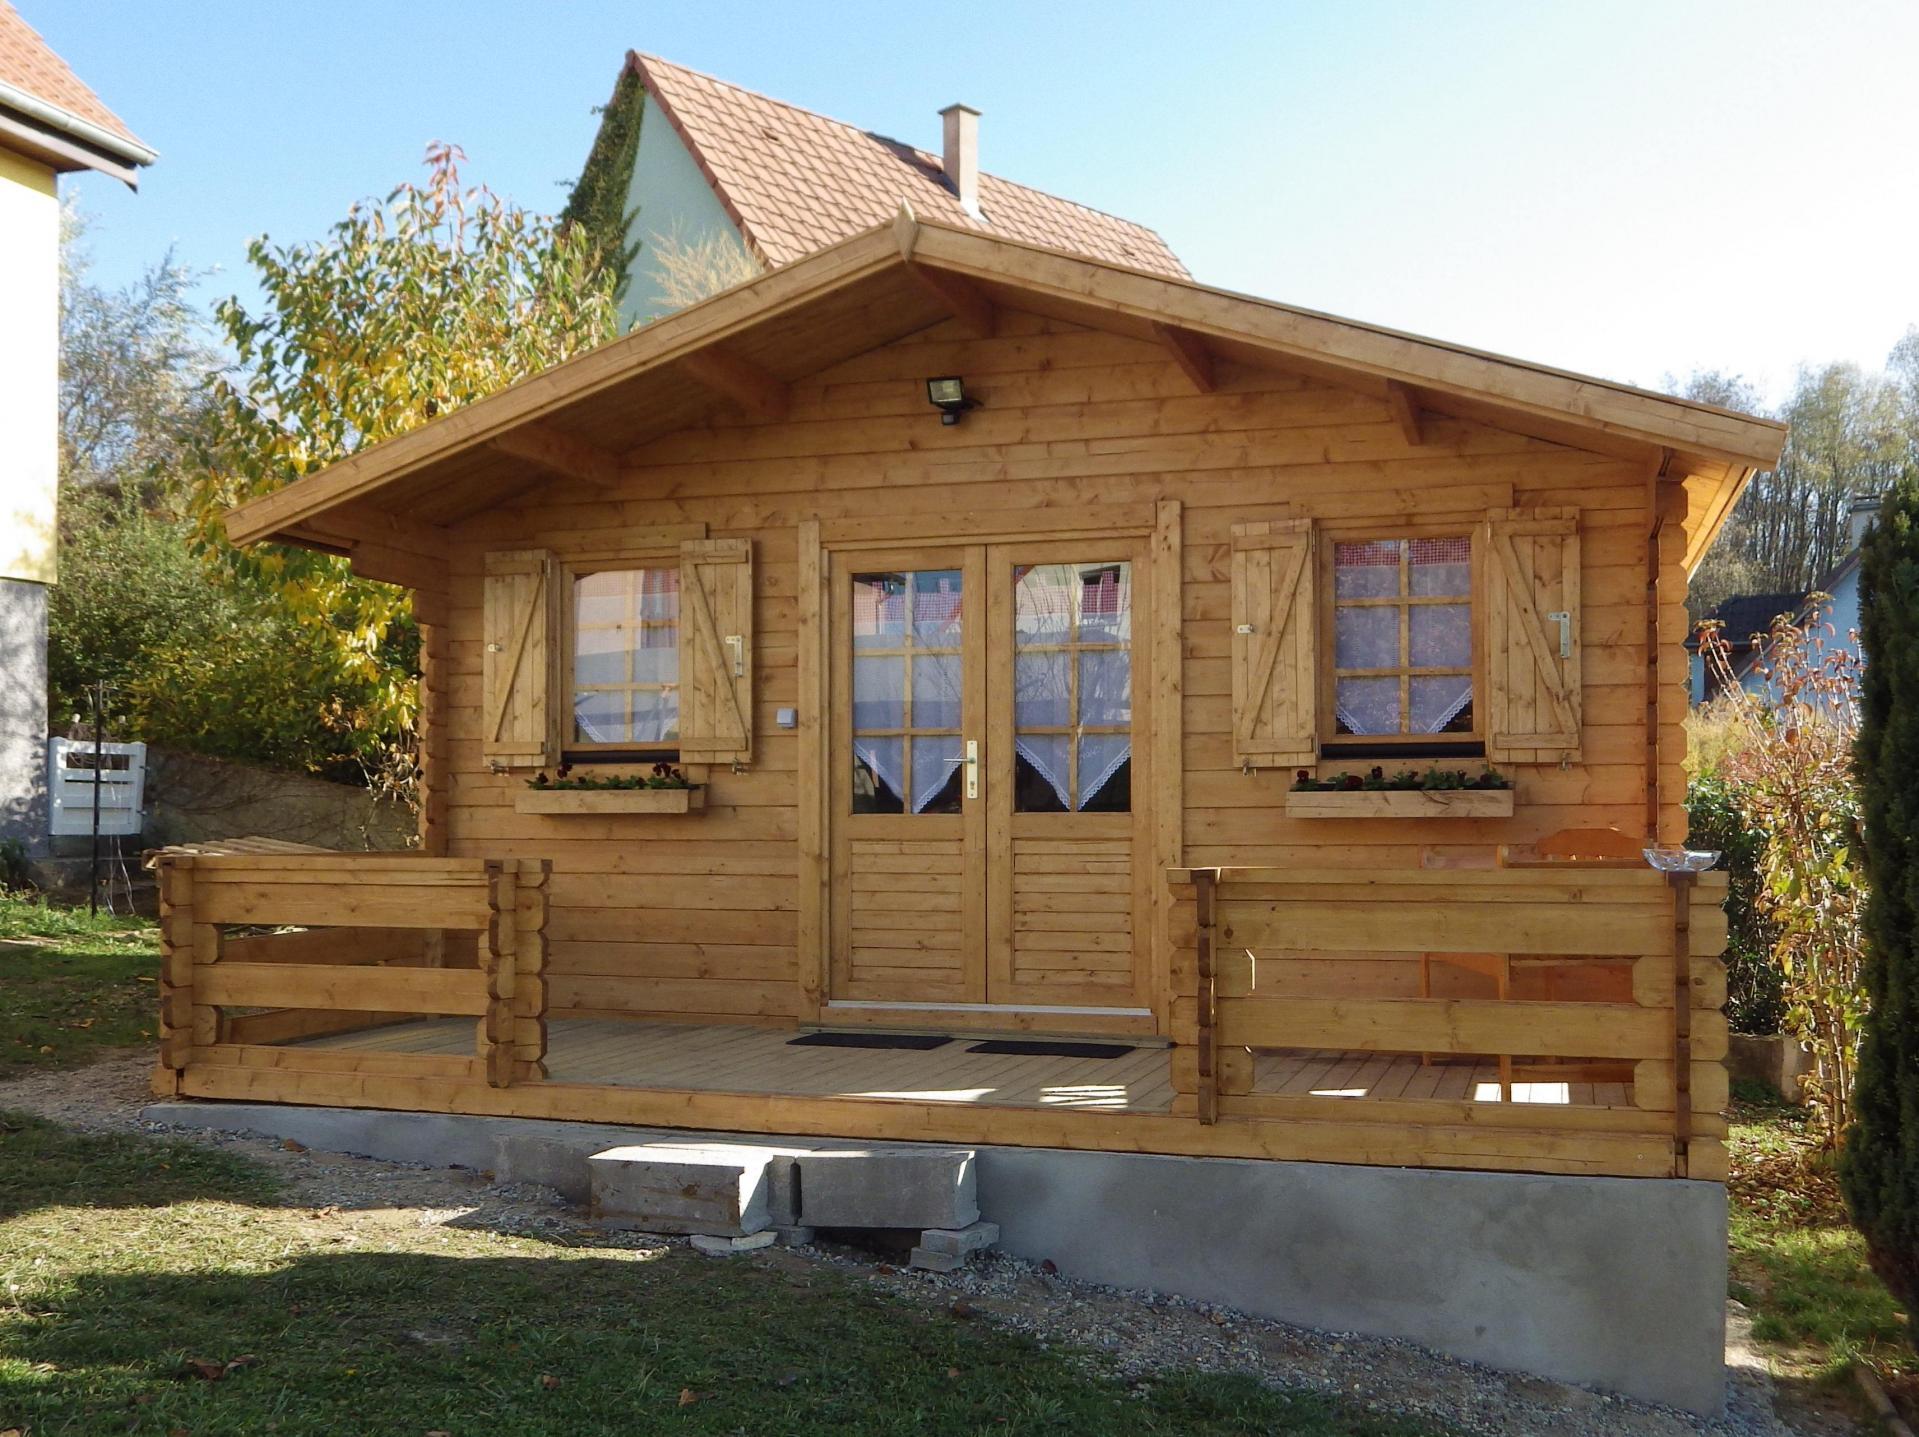 Fabricant Constructeur De Kits Chalets En Bois Habitables - Stmb avec Construire Un Abri De Jardin En Bois Soi Meme